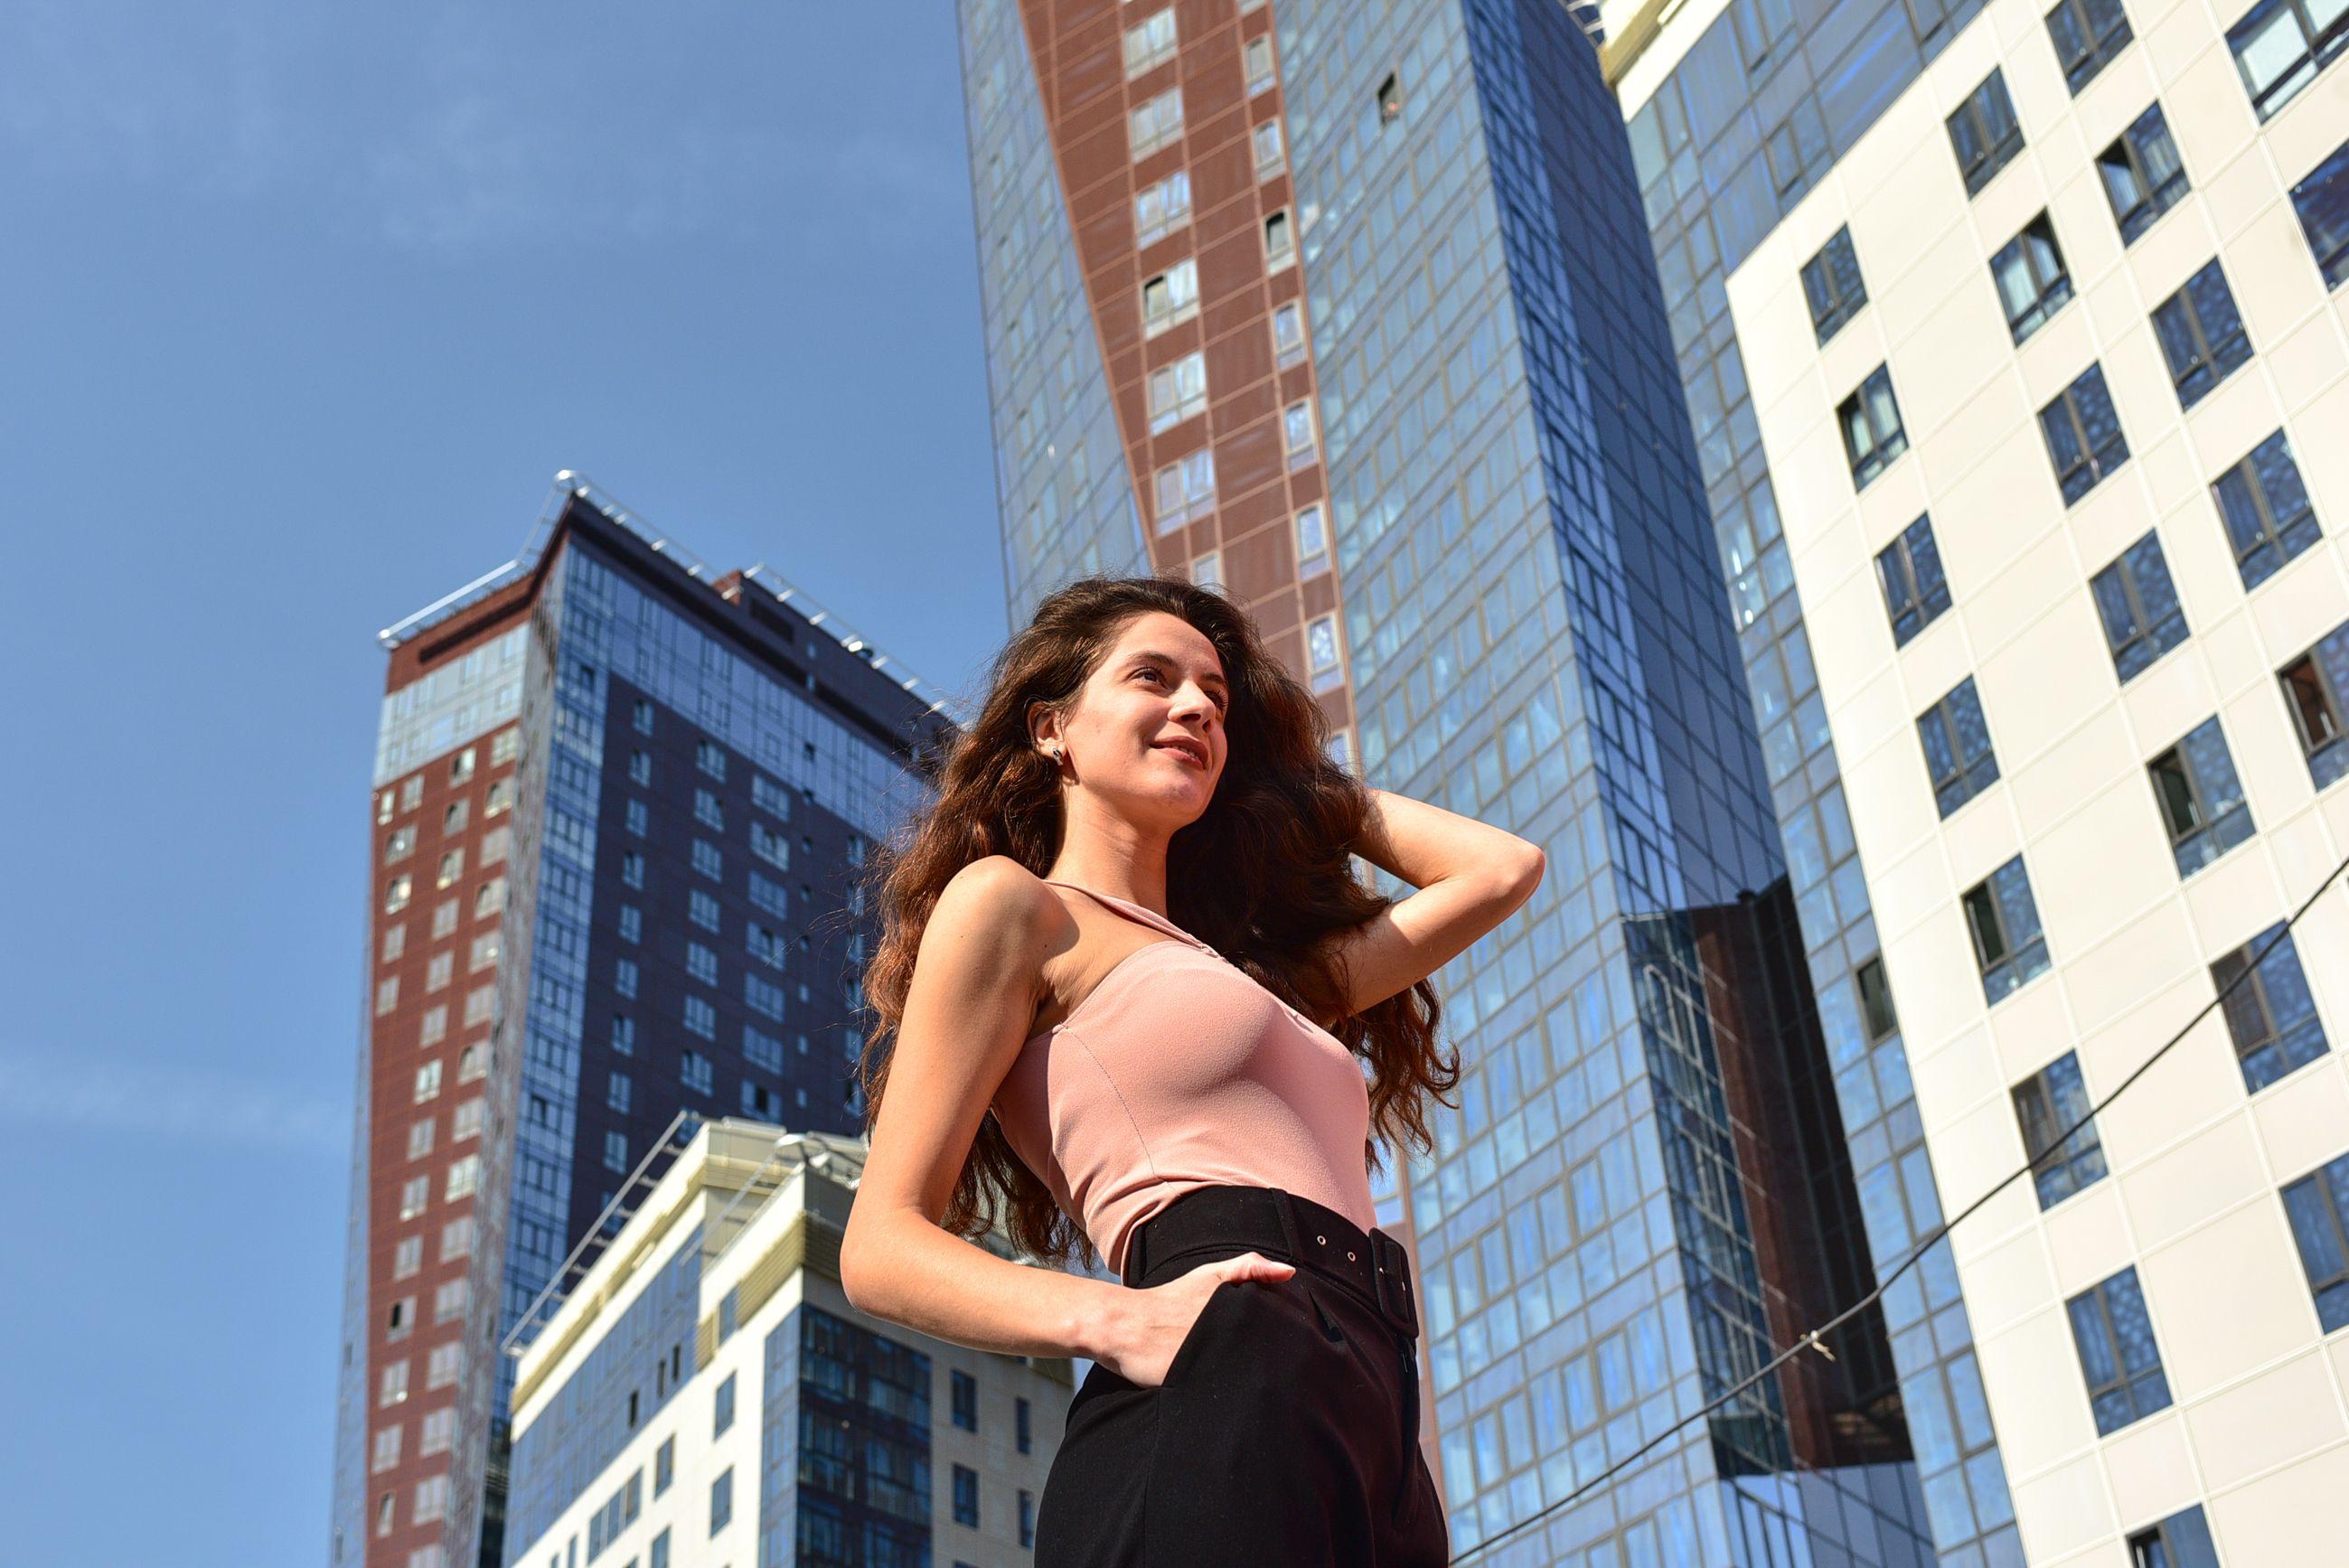 Ввод недвижимости в Москве вырос на 30 процентов